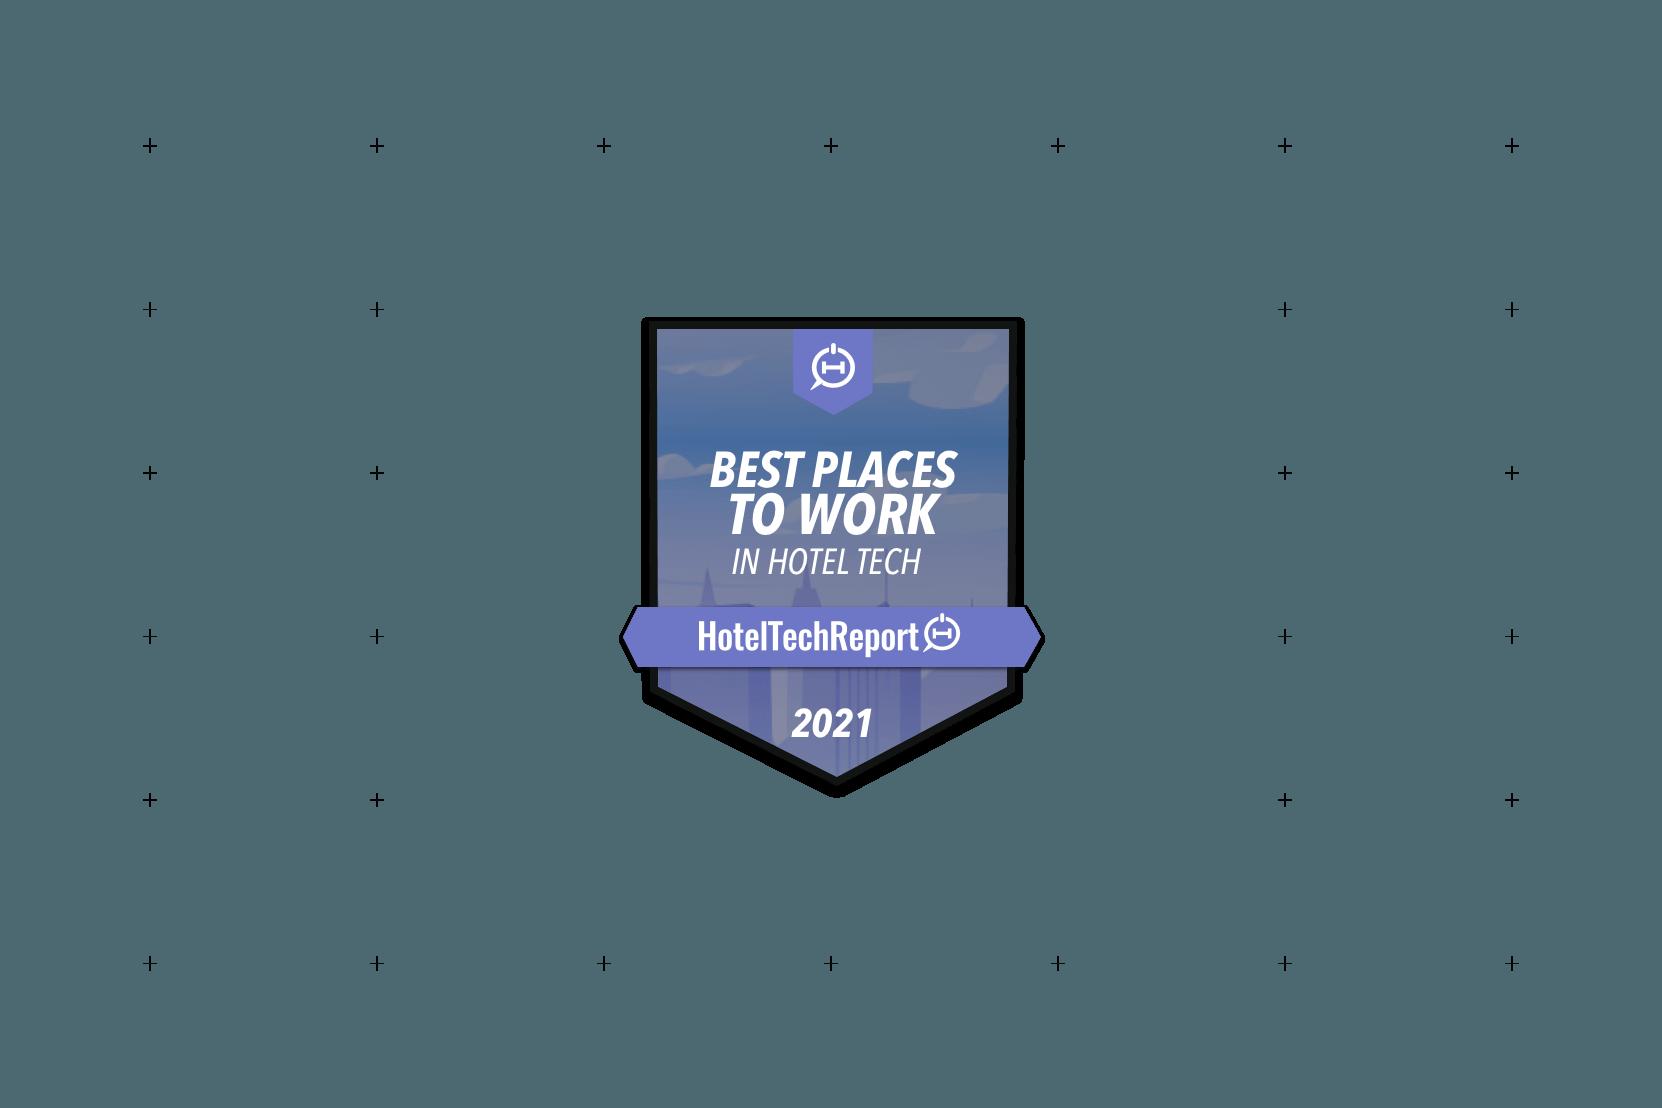 Careers_HTR Badge_v2_1660x1160